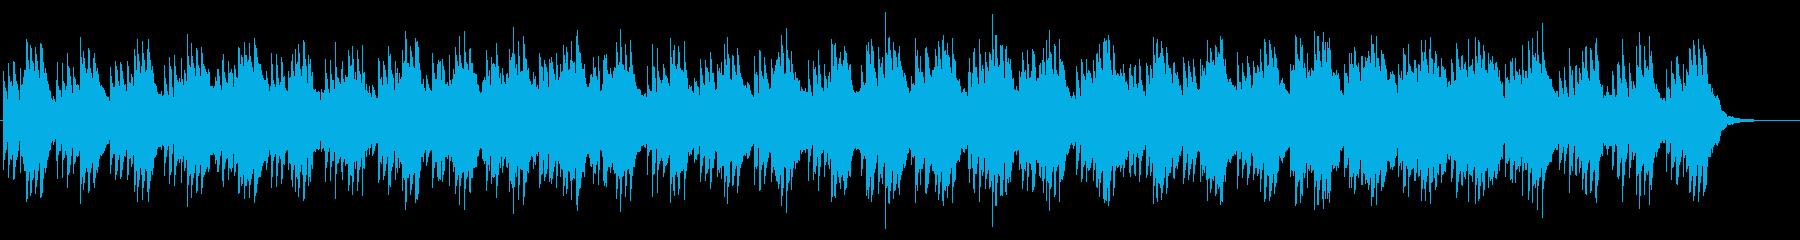 未来的・クールなイメージのアンビエントの再生済みの波形